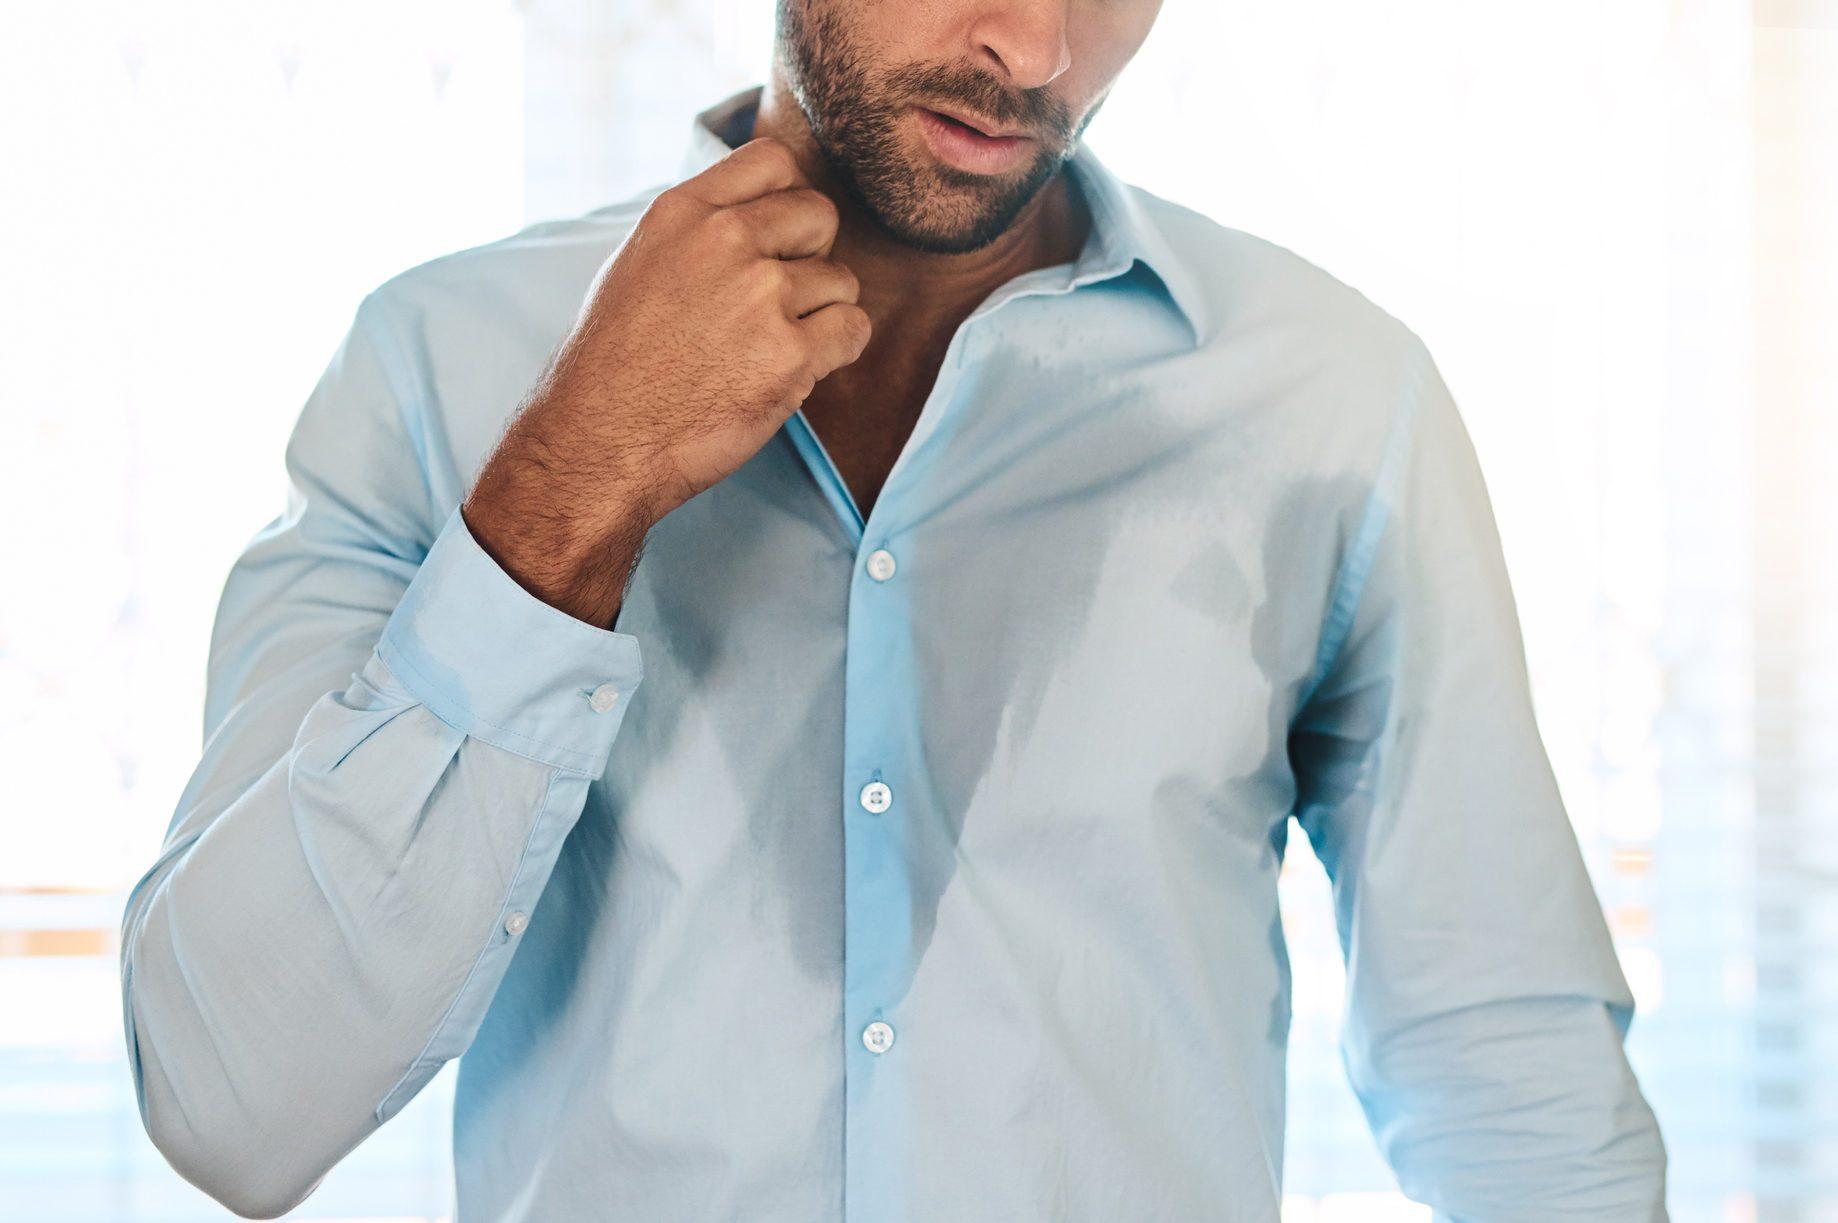 man sweating through shirt